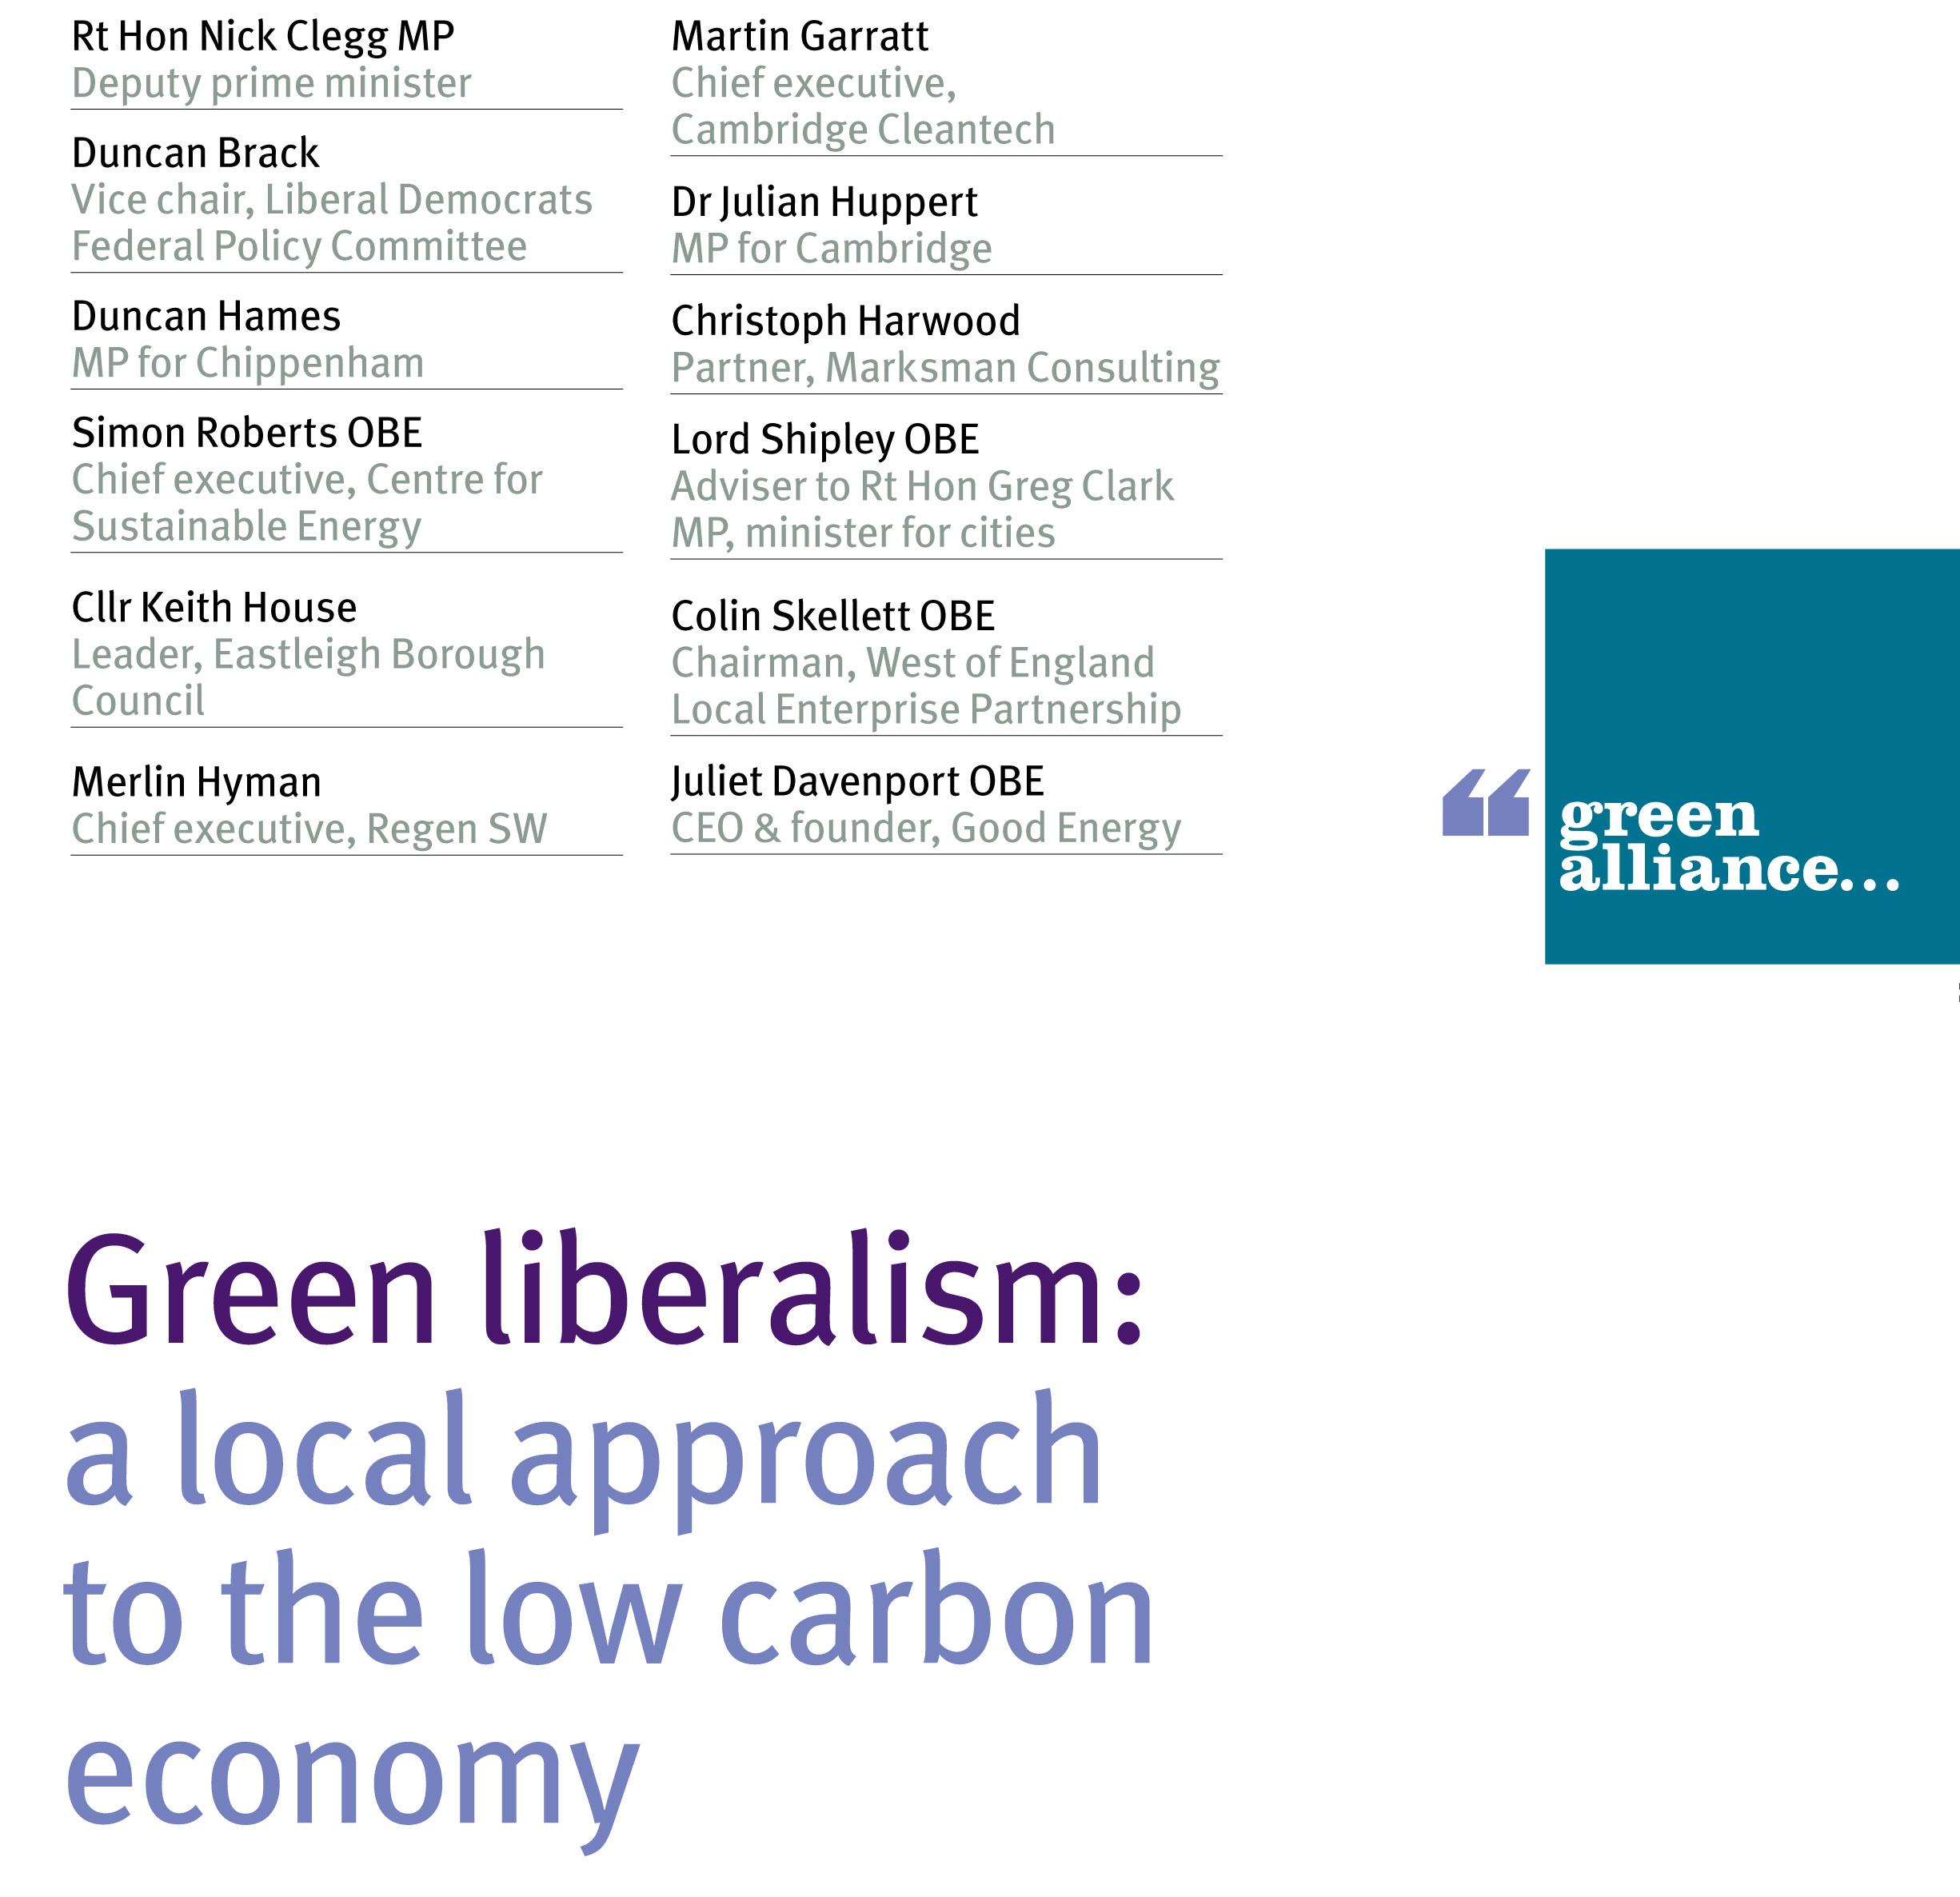 extent liberalism compatible democracy essay